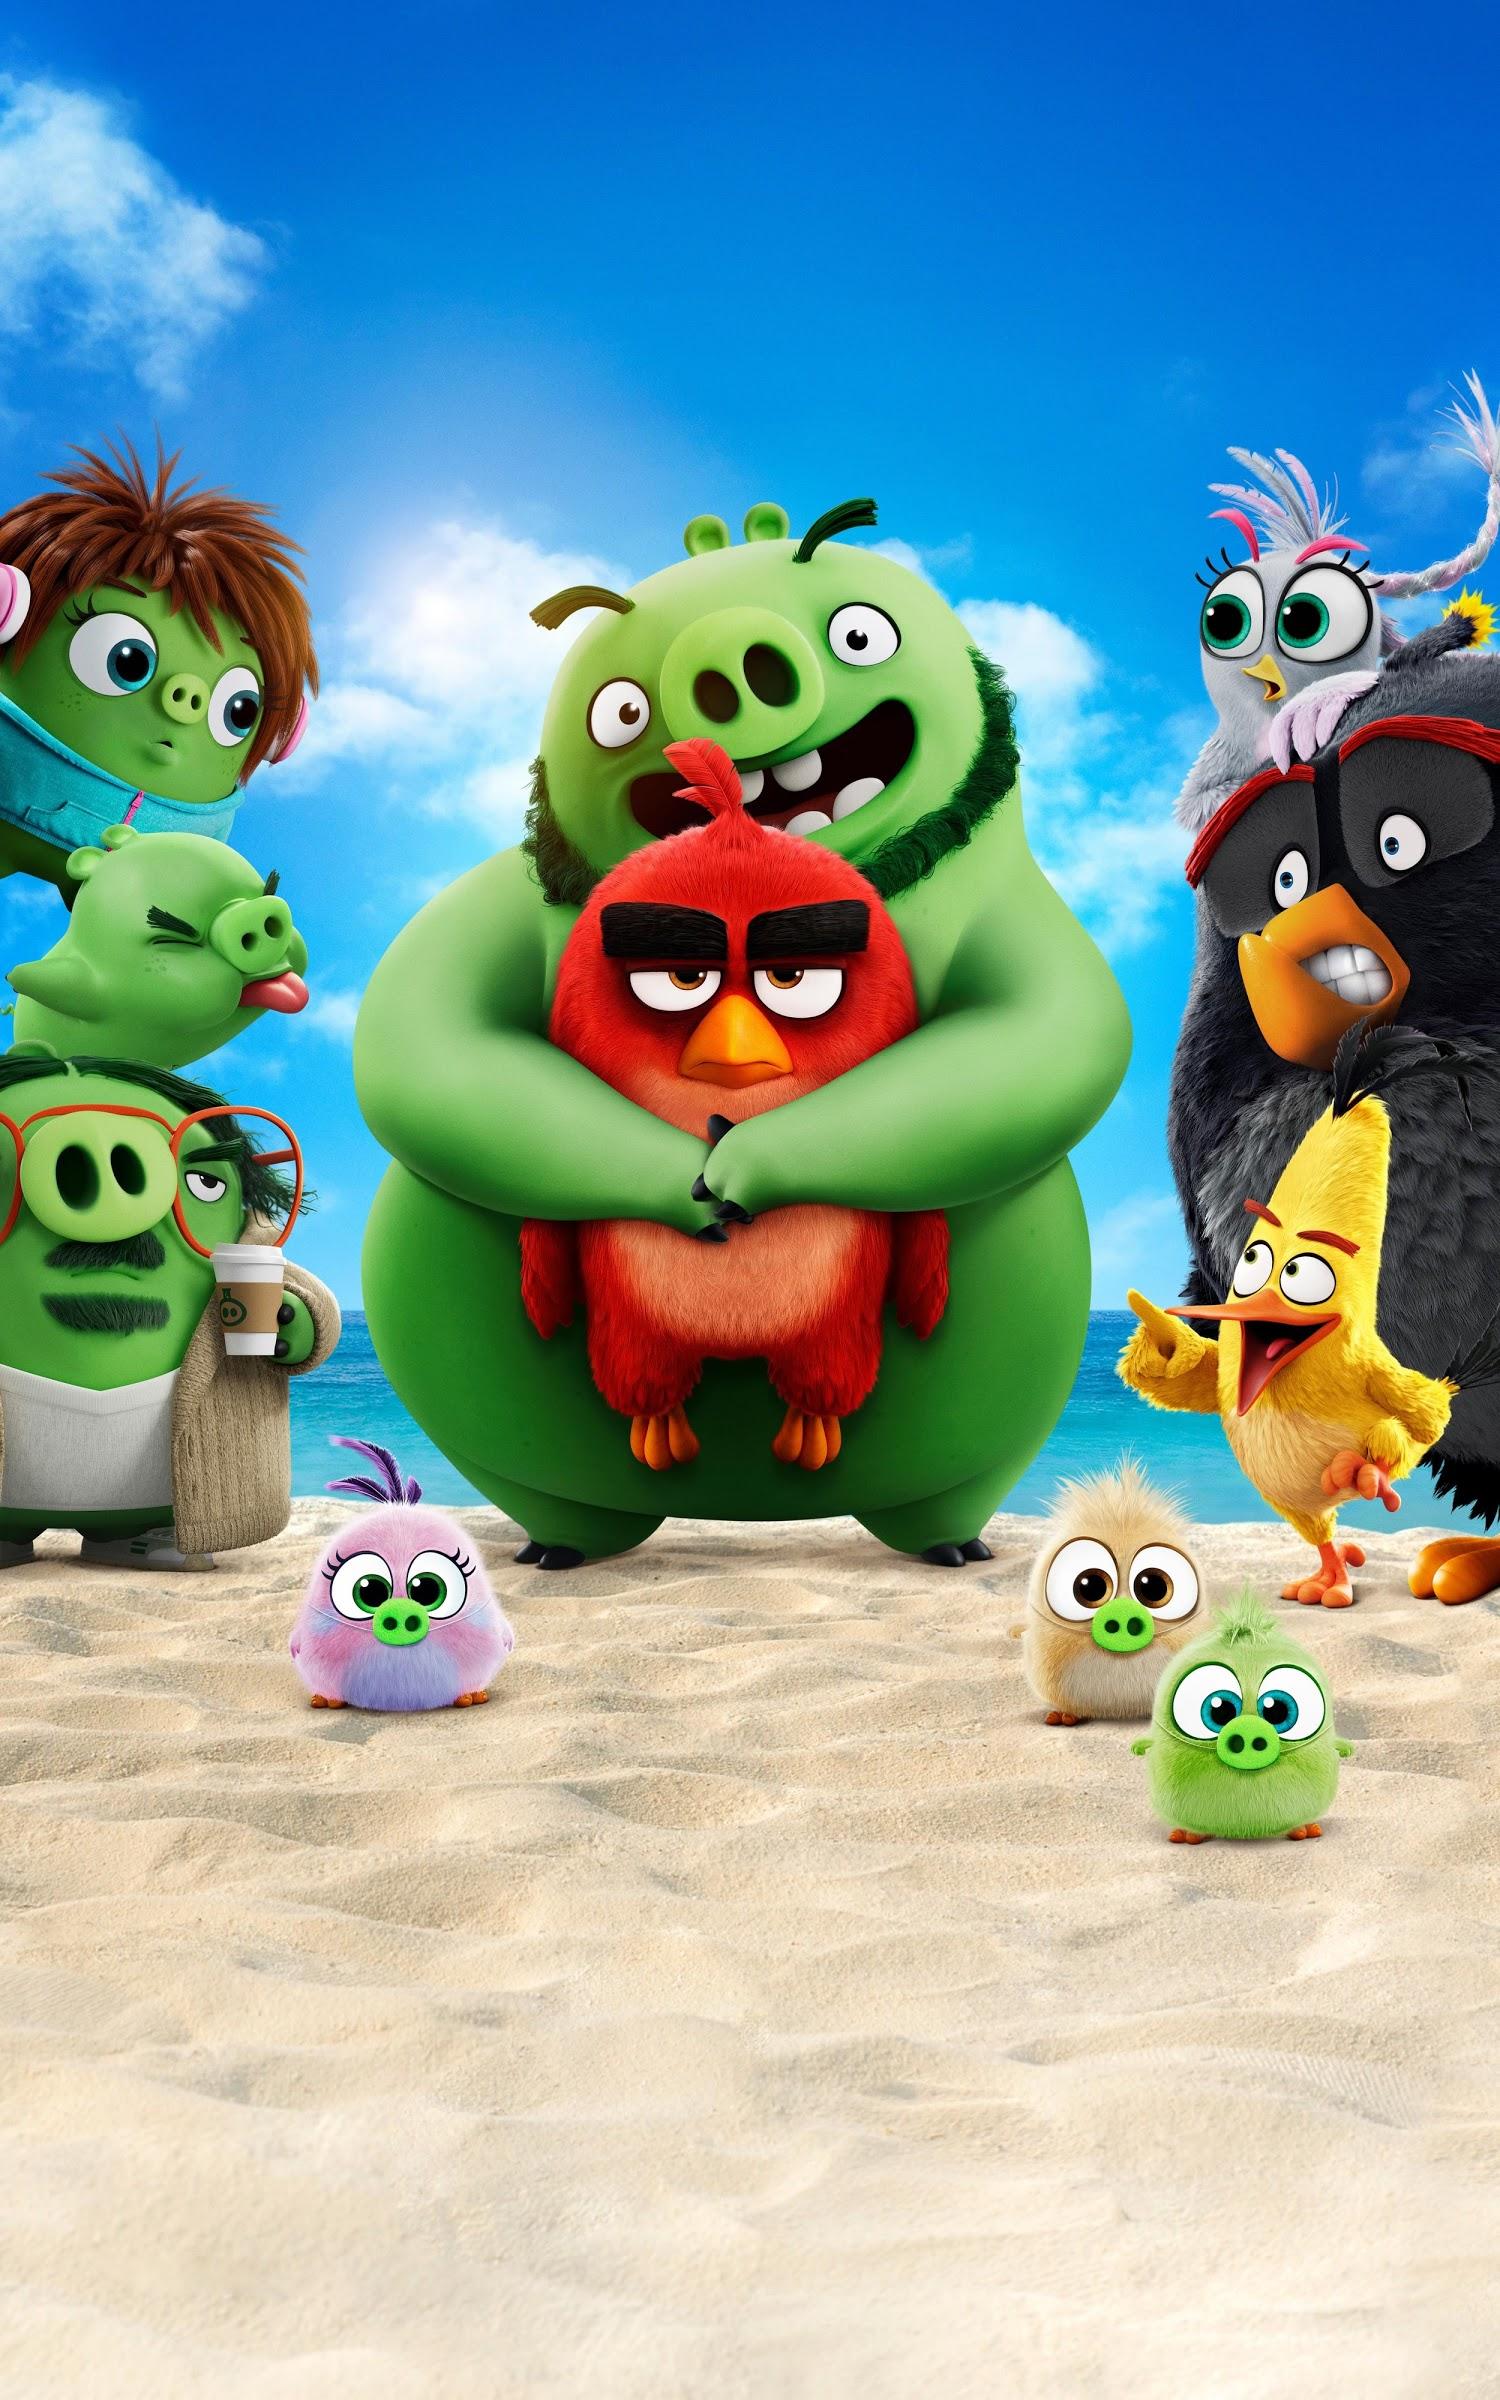 The Angry Birds Movie 2 Wallpaper 4k Movies Category Laginate Angry Birds Movie Angry Birds Angry Birds 2 Movie